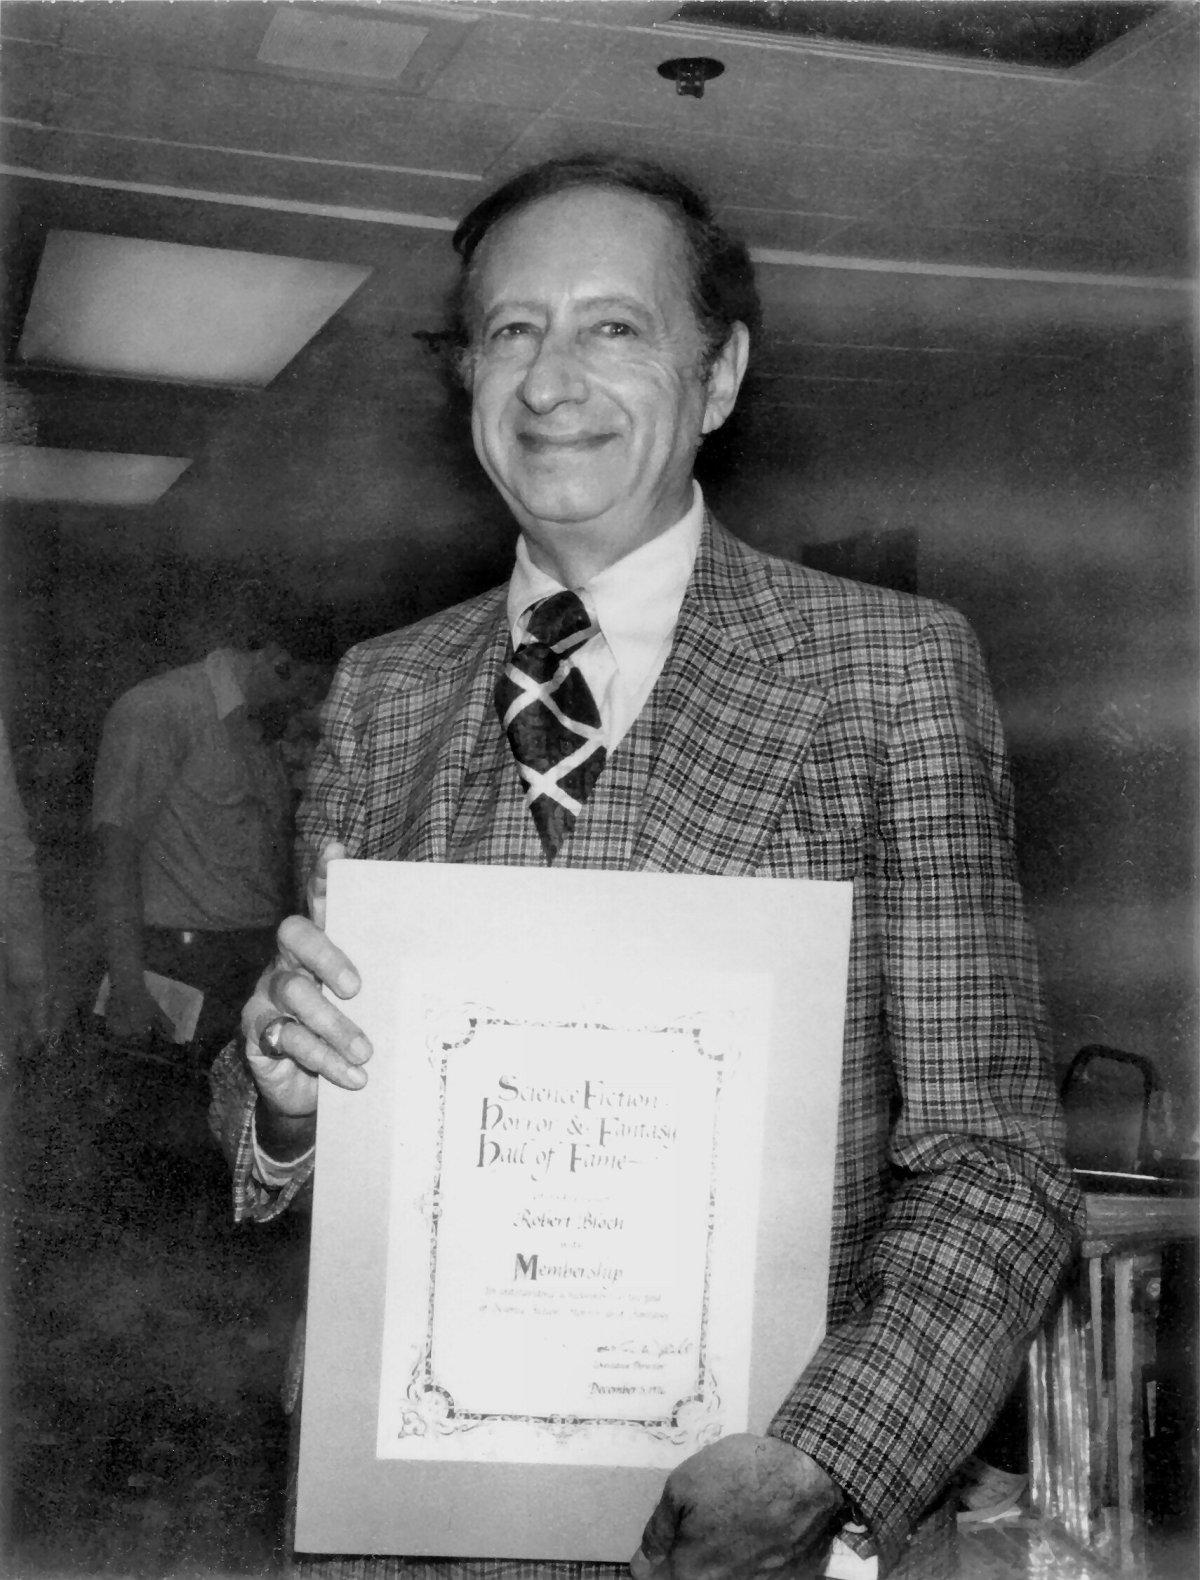 Robert Bloch (1979)